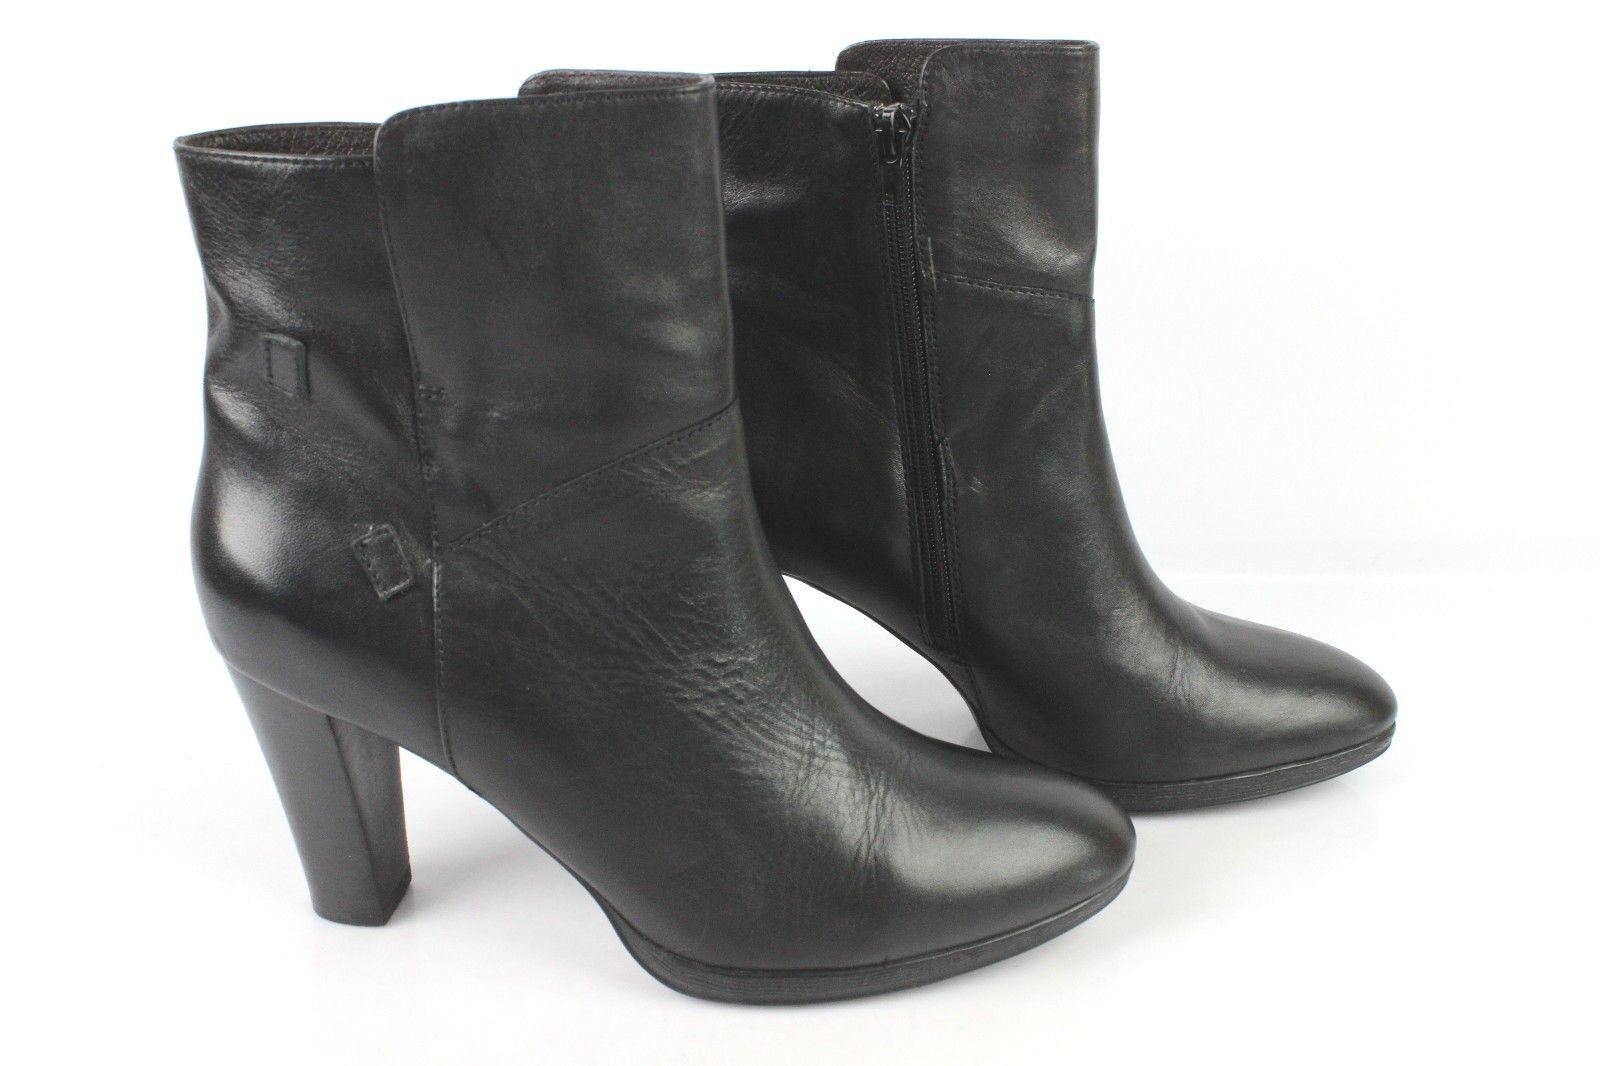 Stiefletten JB MARTIN sehr schwarzes Leder t 40 sehr MARTIN guter Zustand b36483